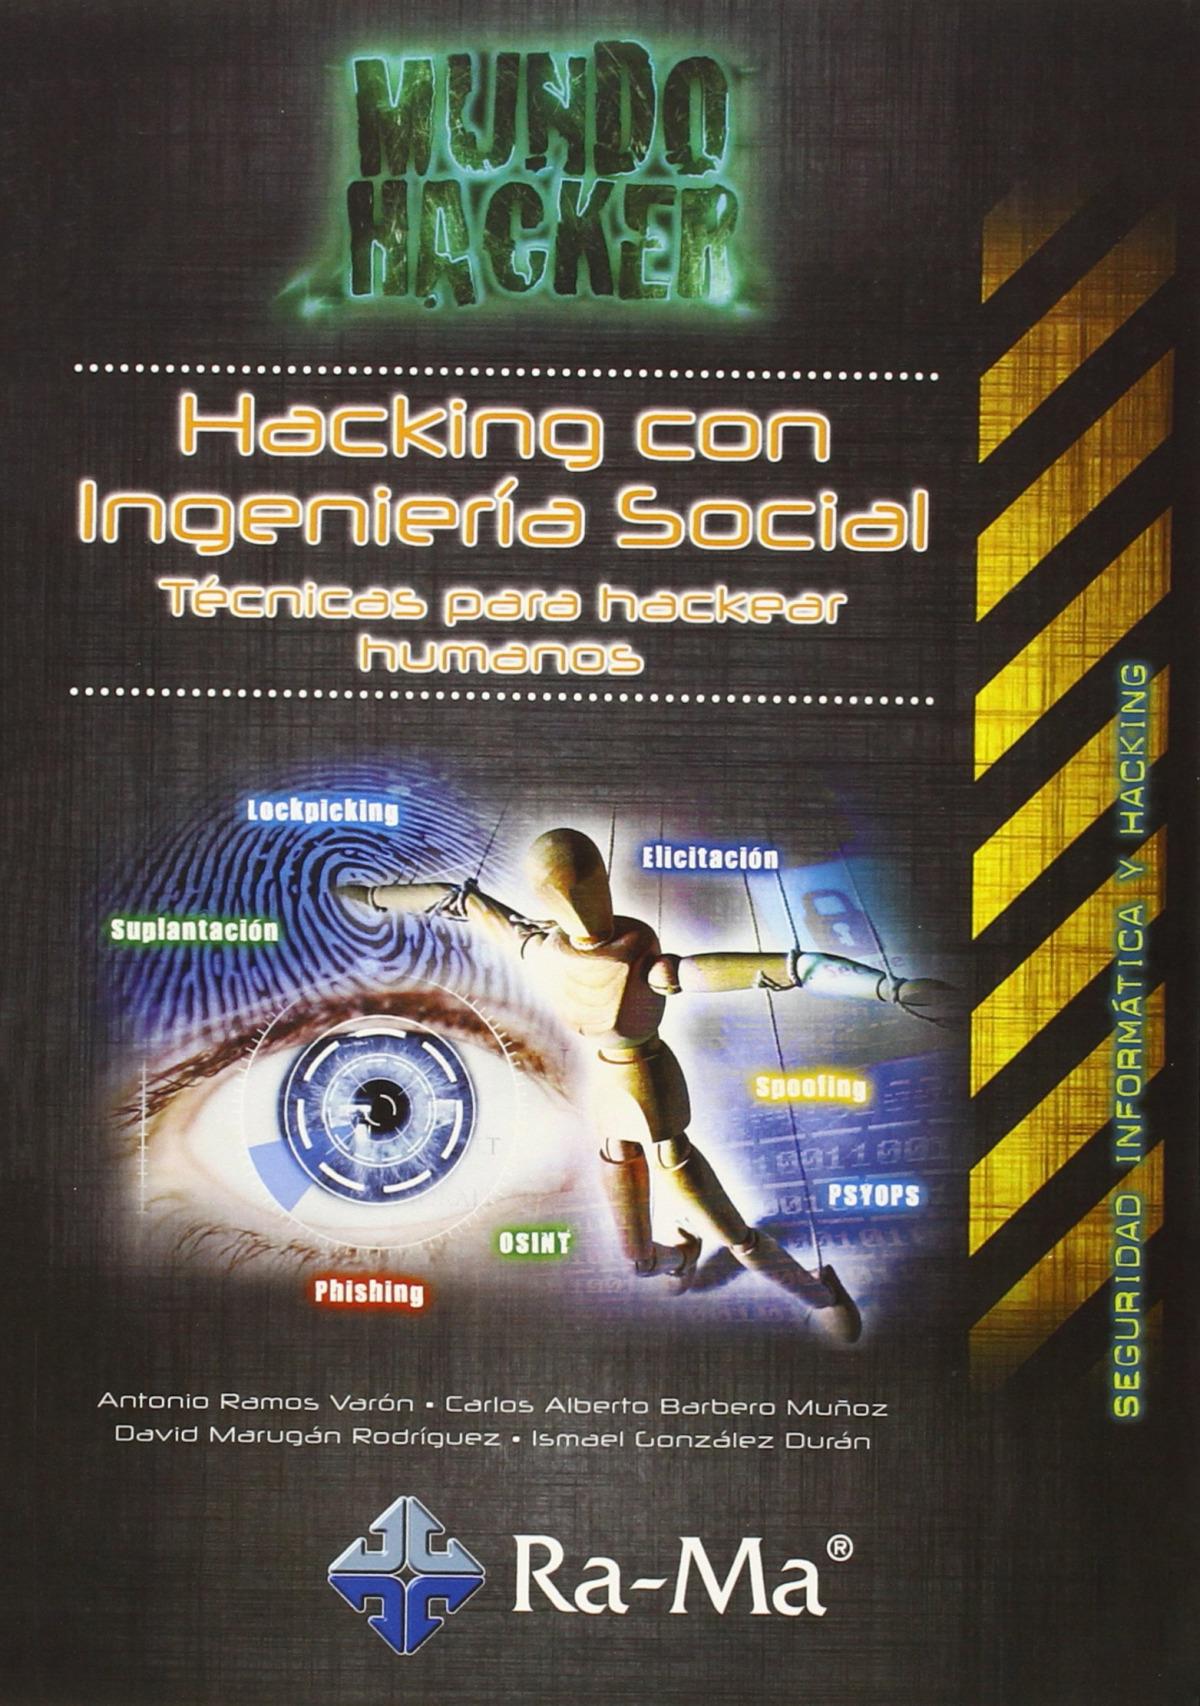 MUNDO HACKER: HACKING CON INGENIERIA SOCIAL: TECN.HACKEAR. 9788499645391